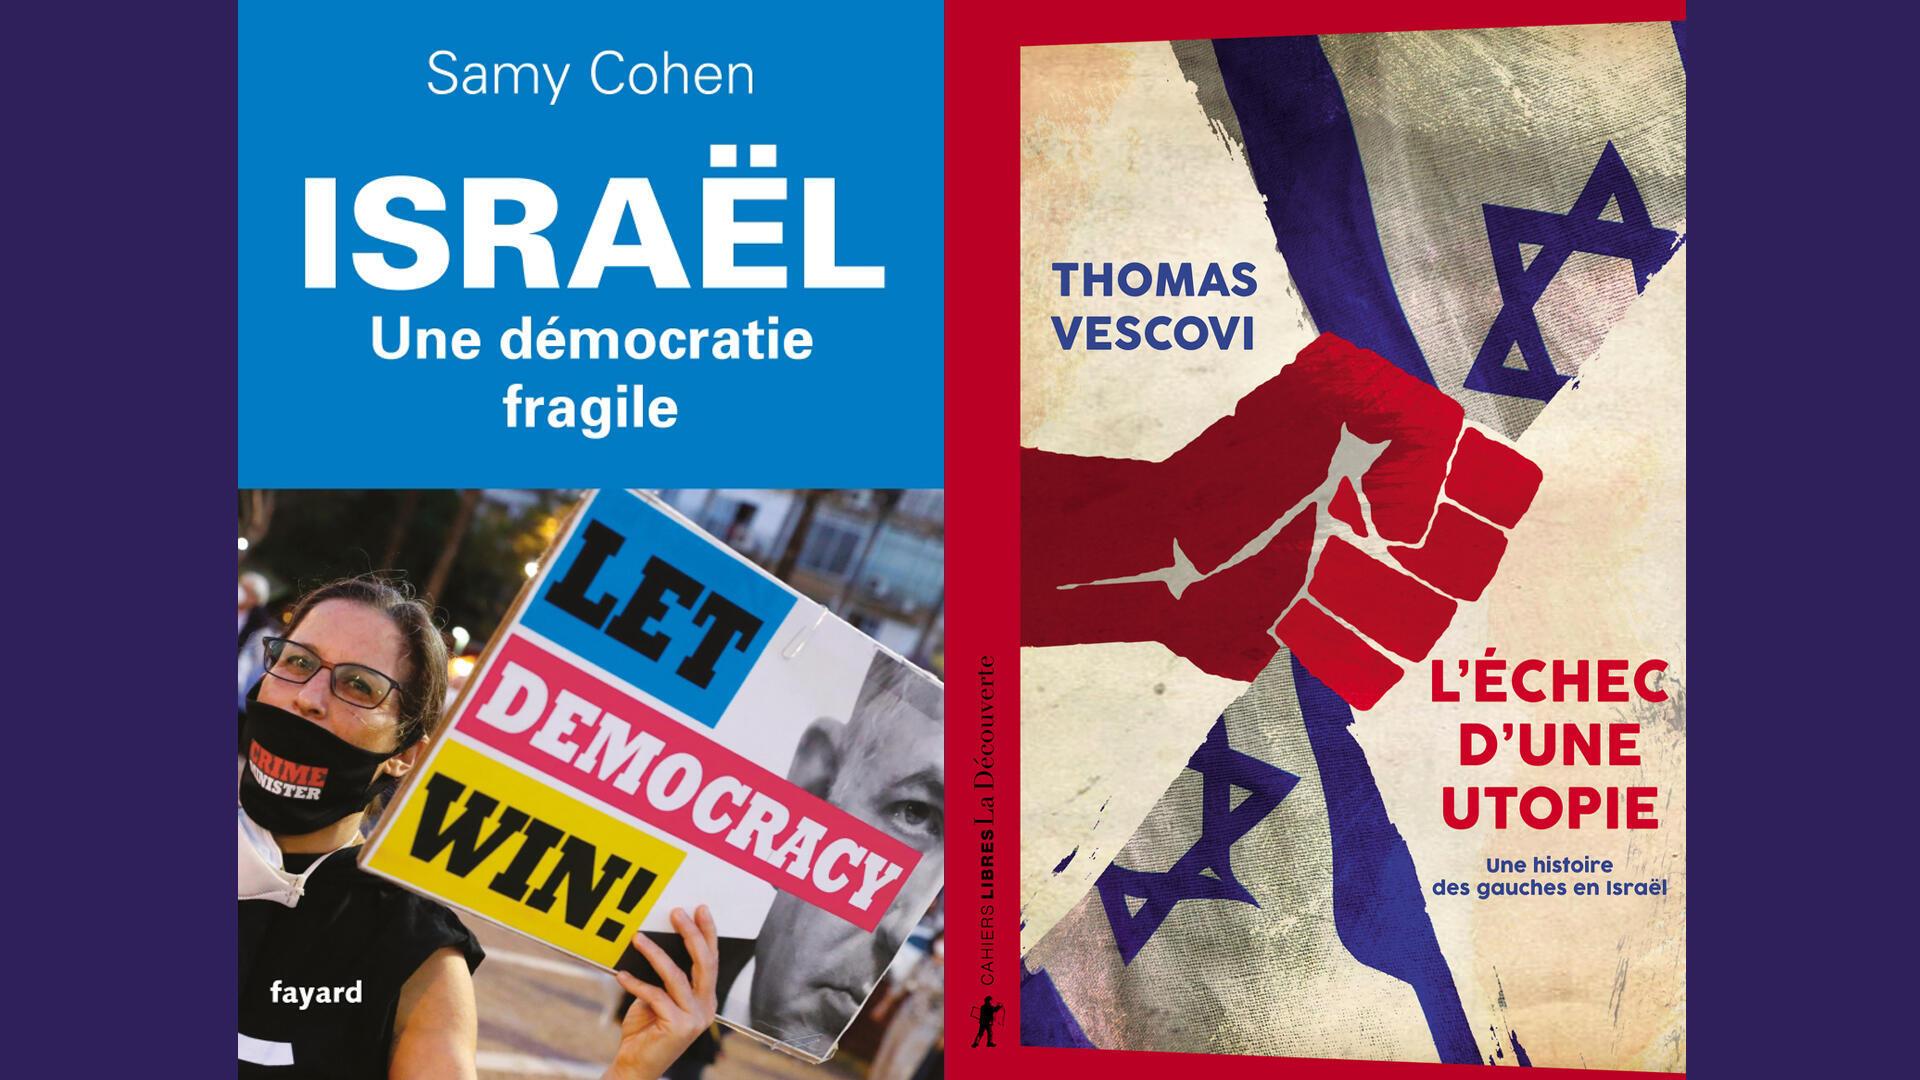 Montage couvertures - Israël une démocratie fragile - Samy Cohen - L'échec d'une utopie - Thomas Vescovi